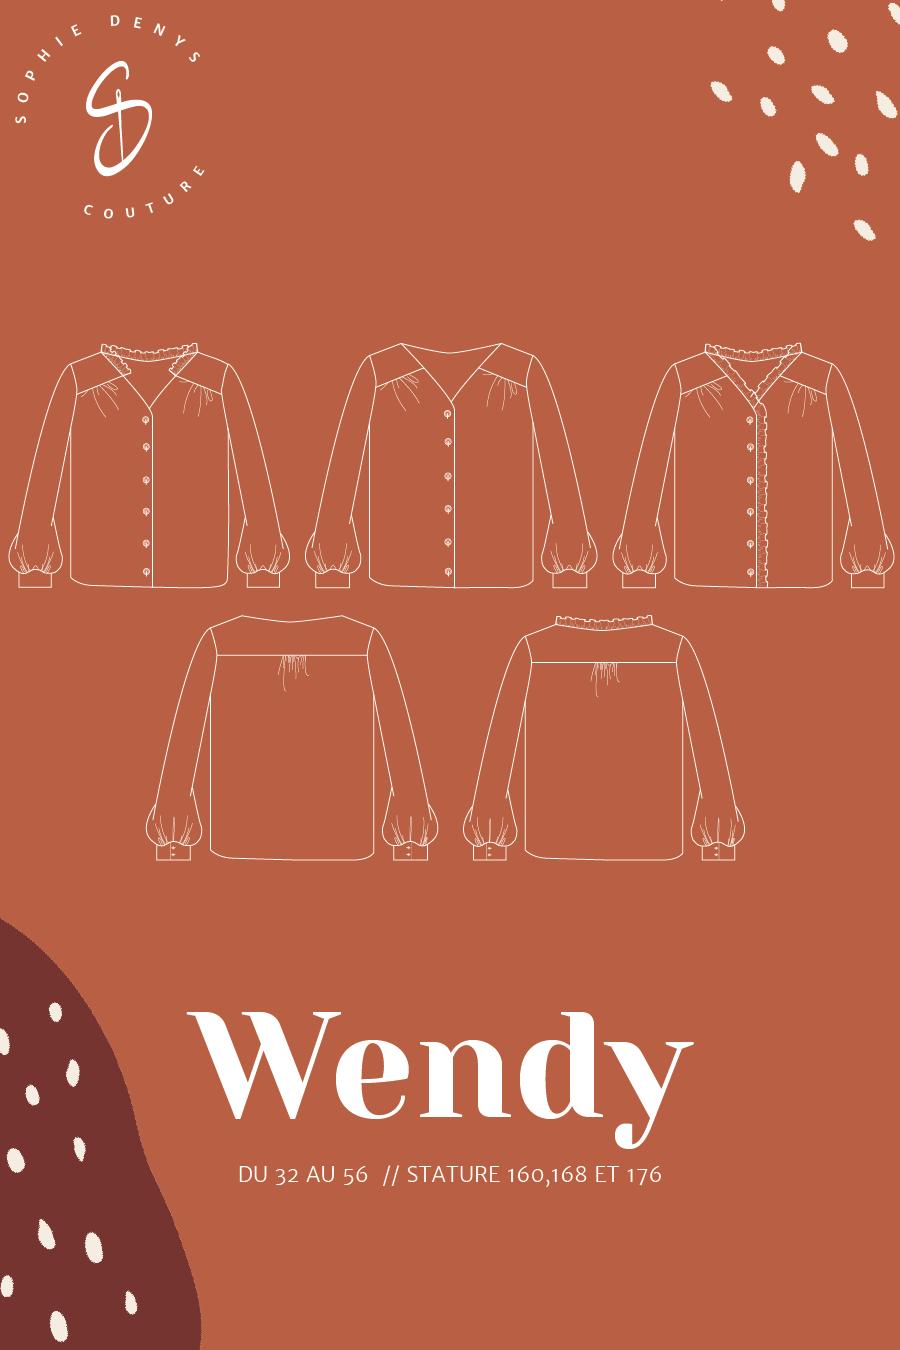 présentation-chemisier-wendy-sophie-denys-couture